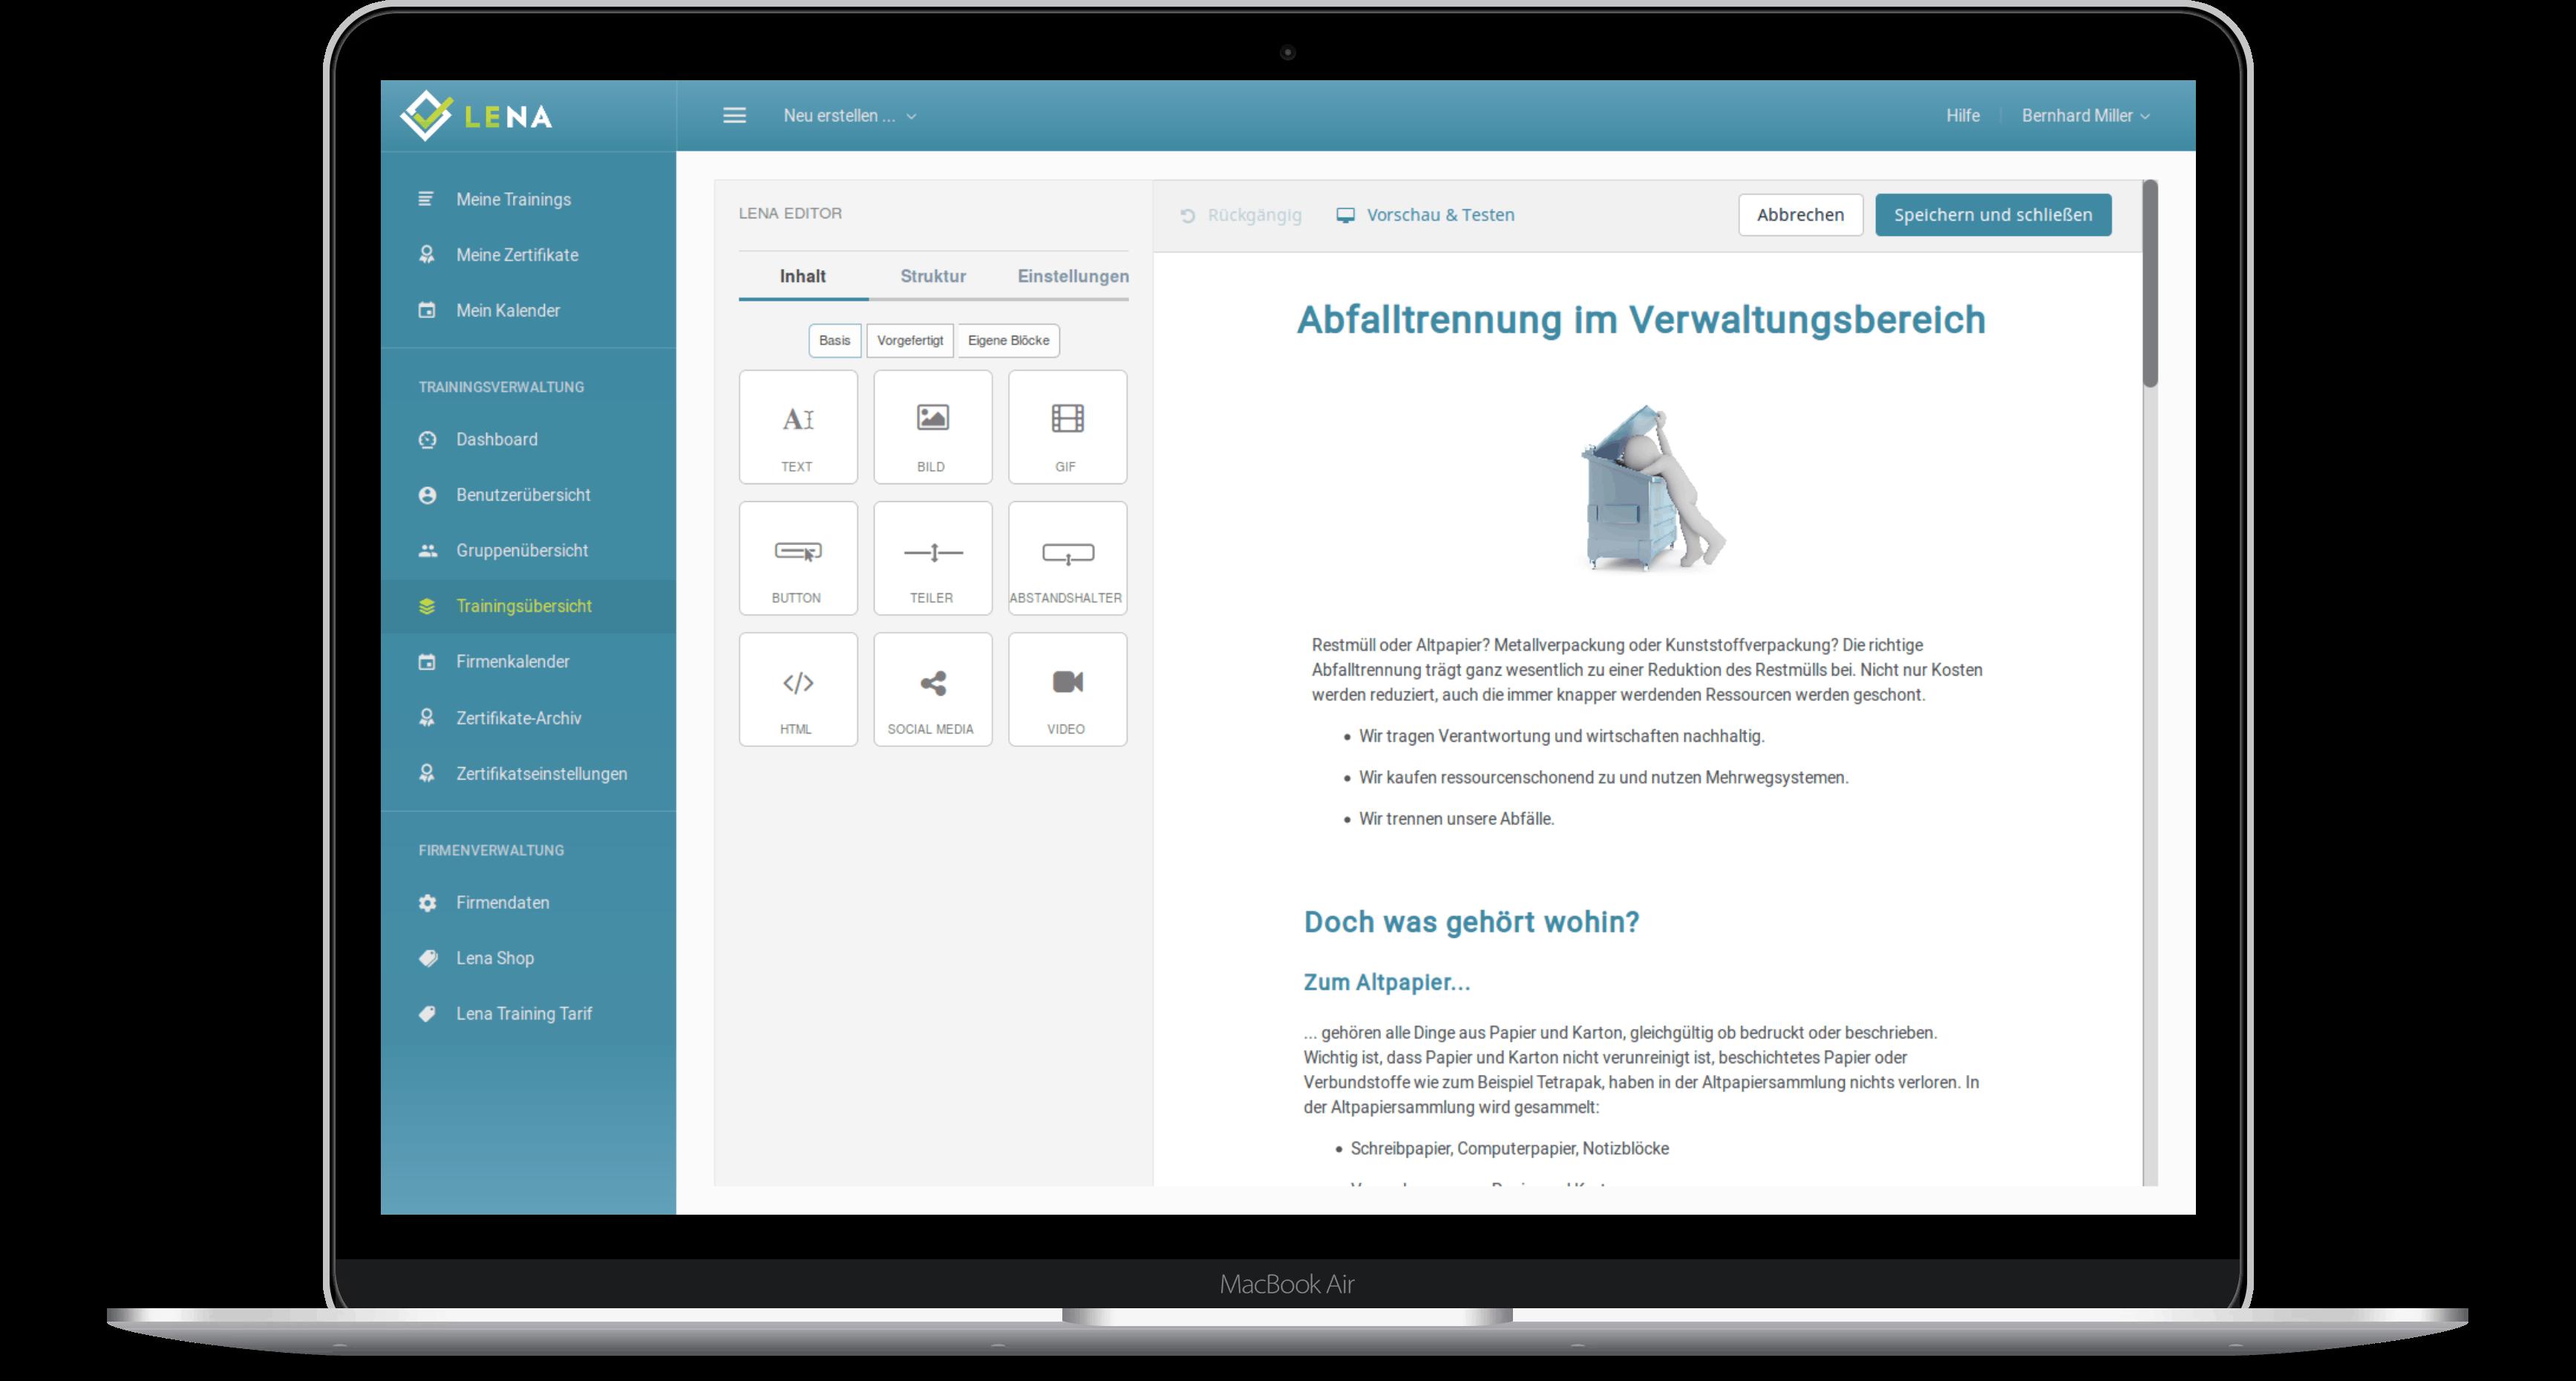 Screenshot: Erstellung einer neuen Schulung im Editor der Schulungssoftware